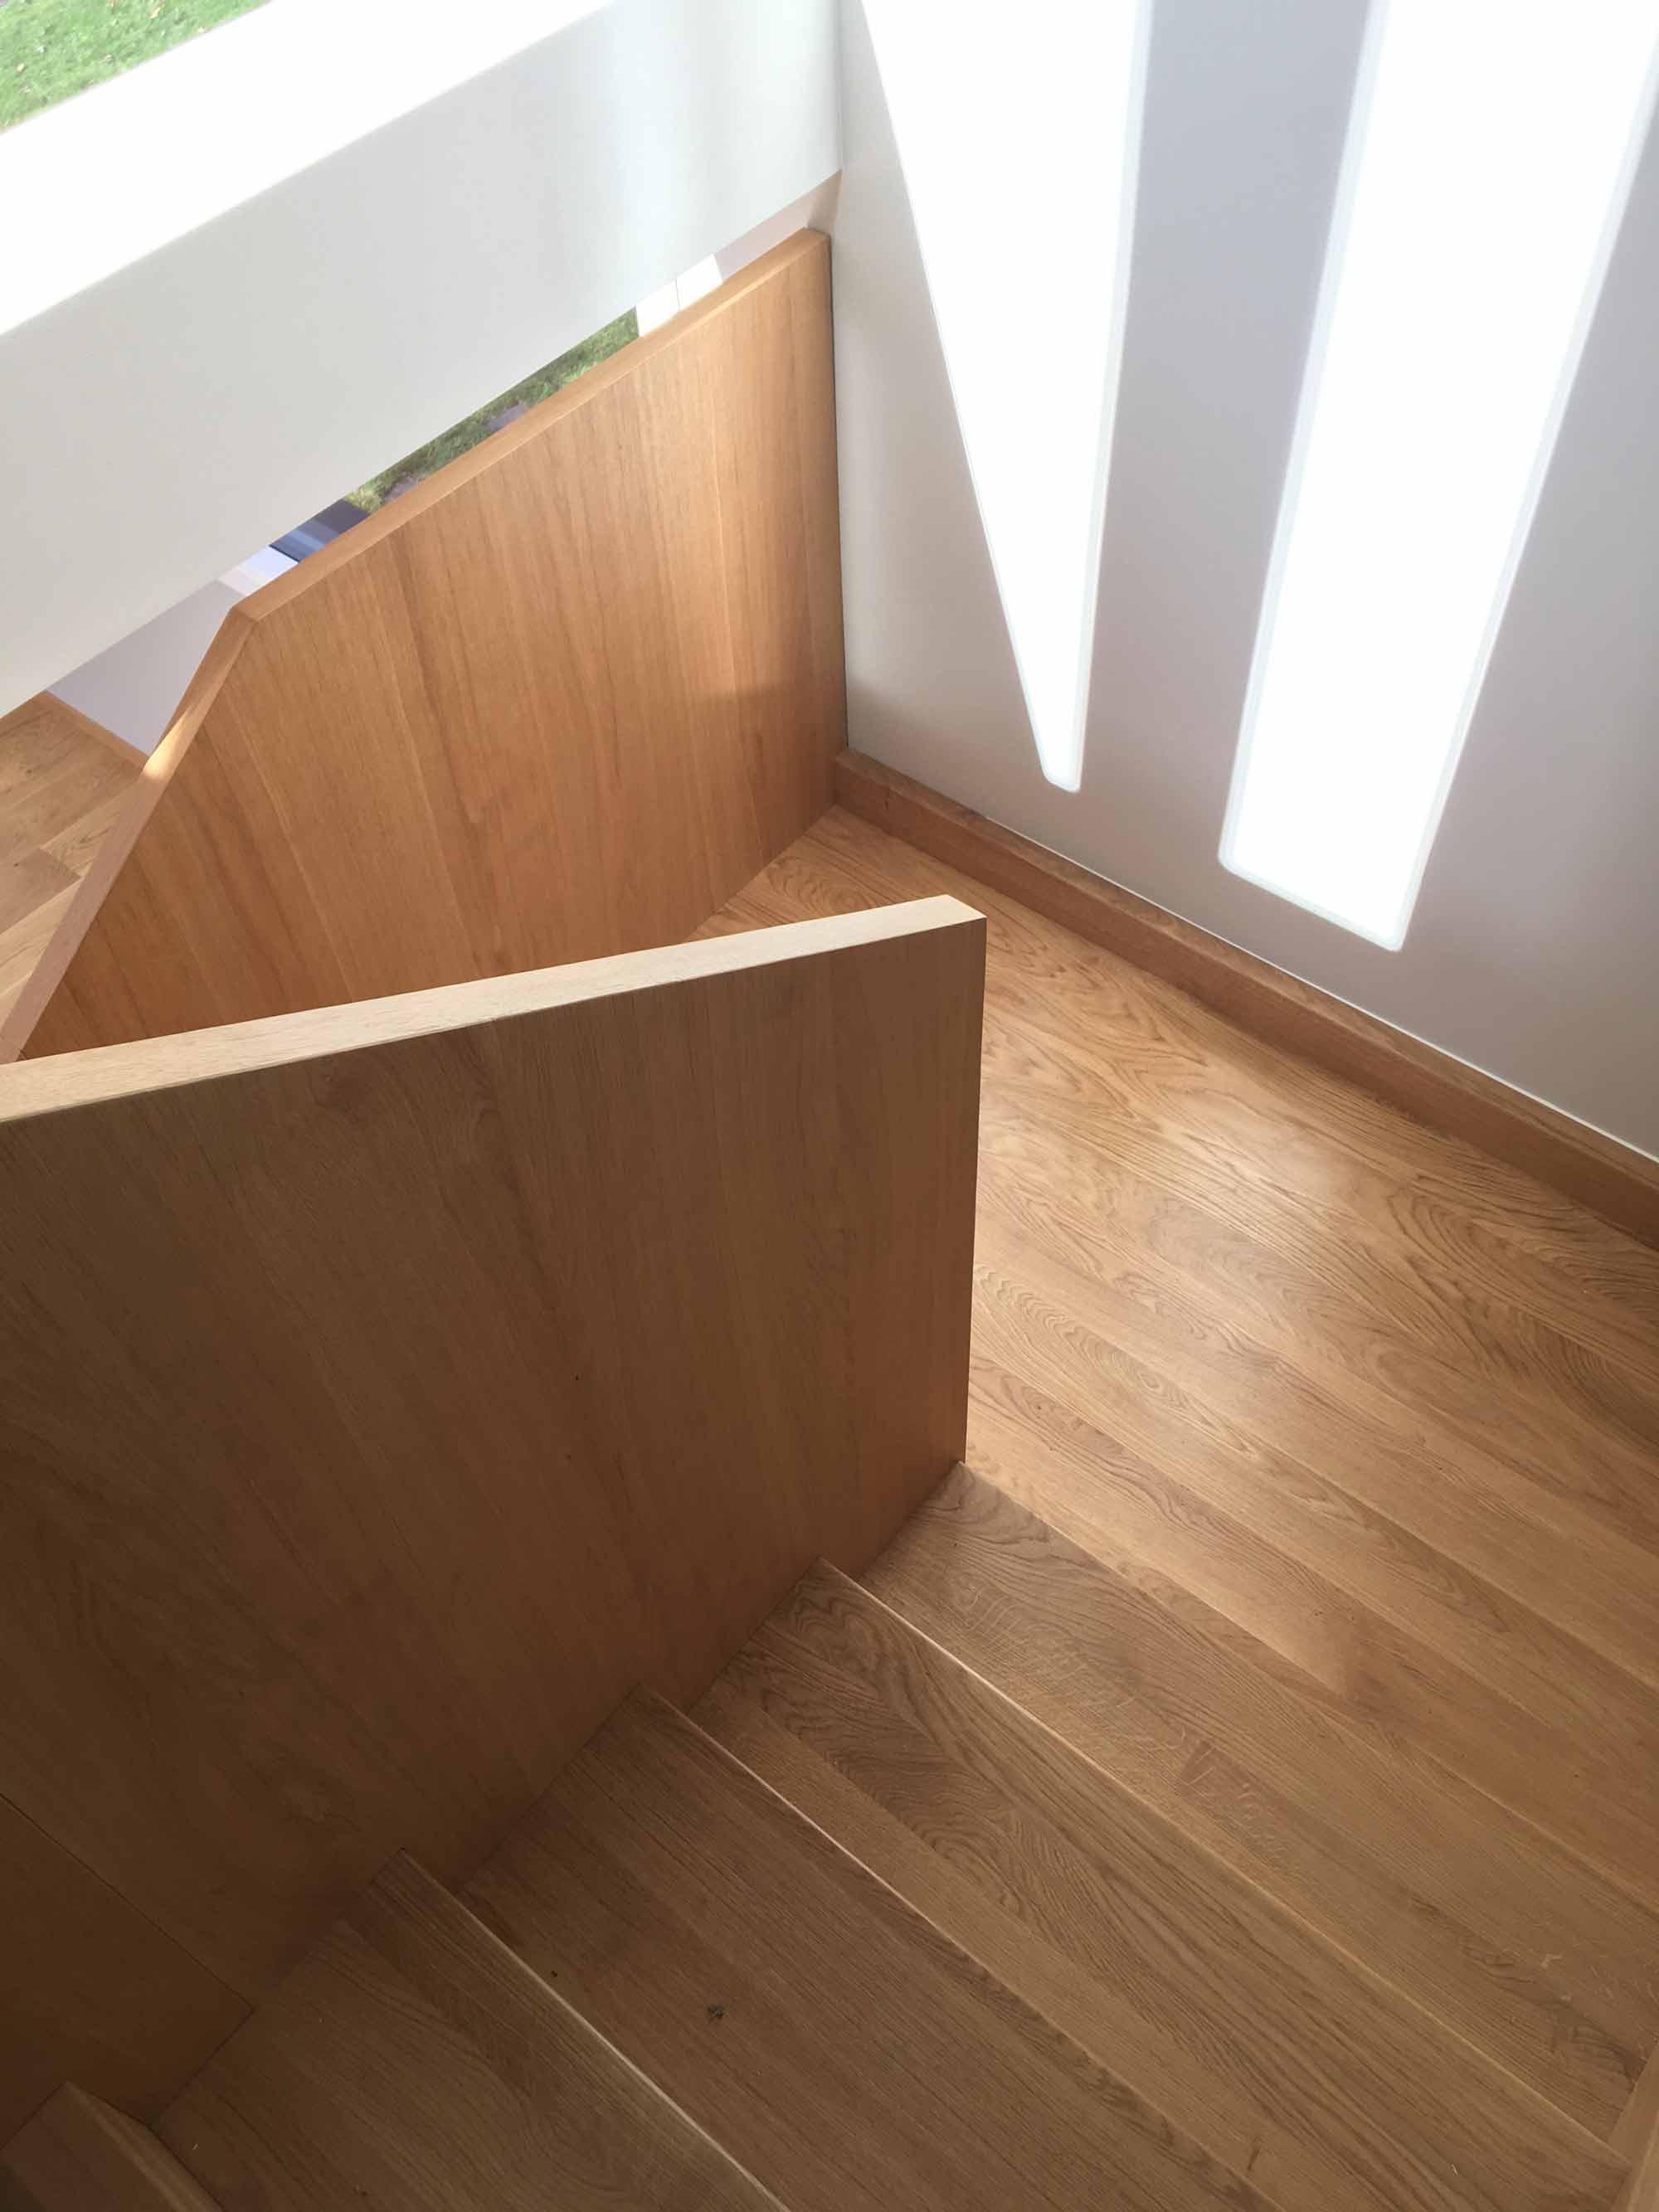 Solid trapp i eik med skap